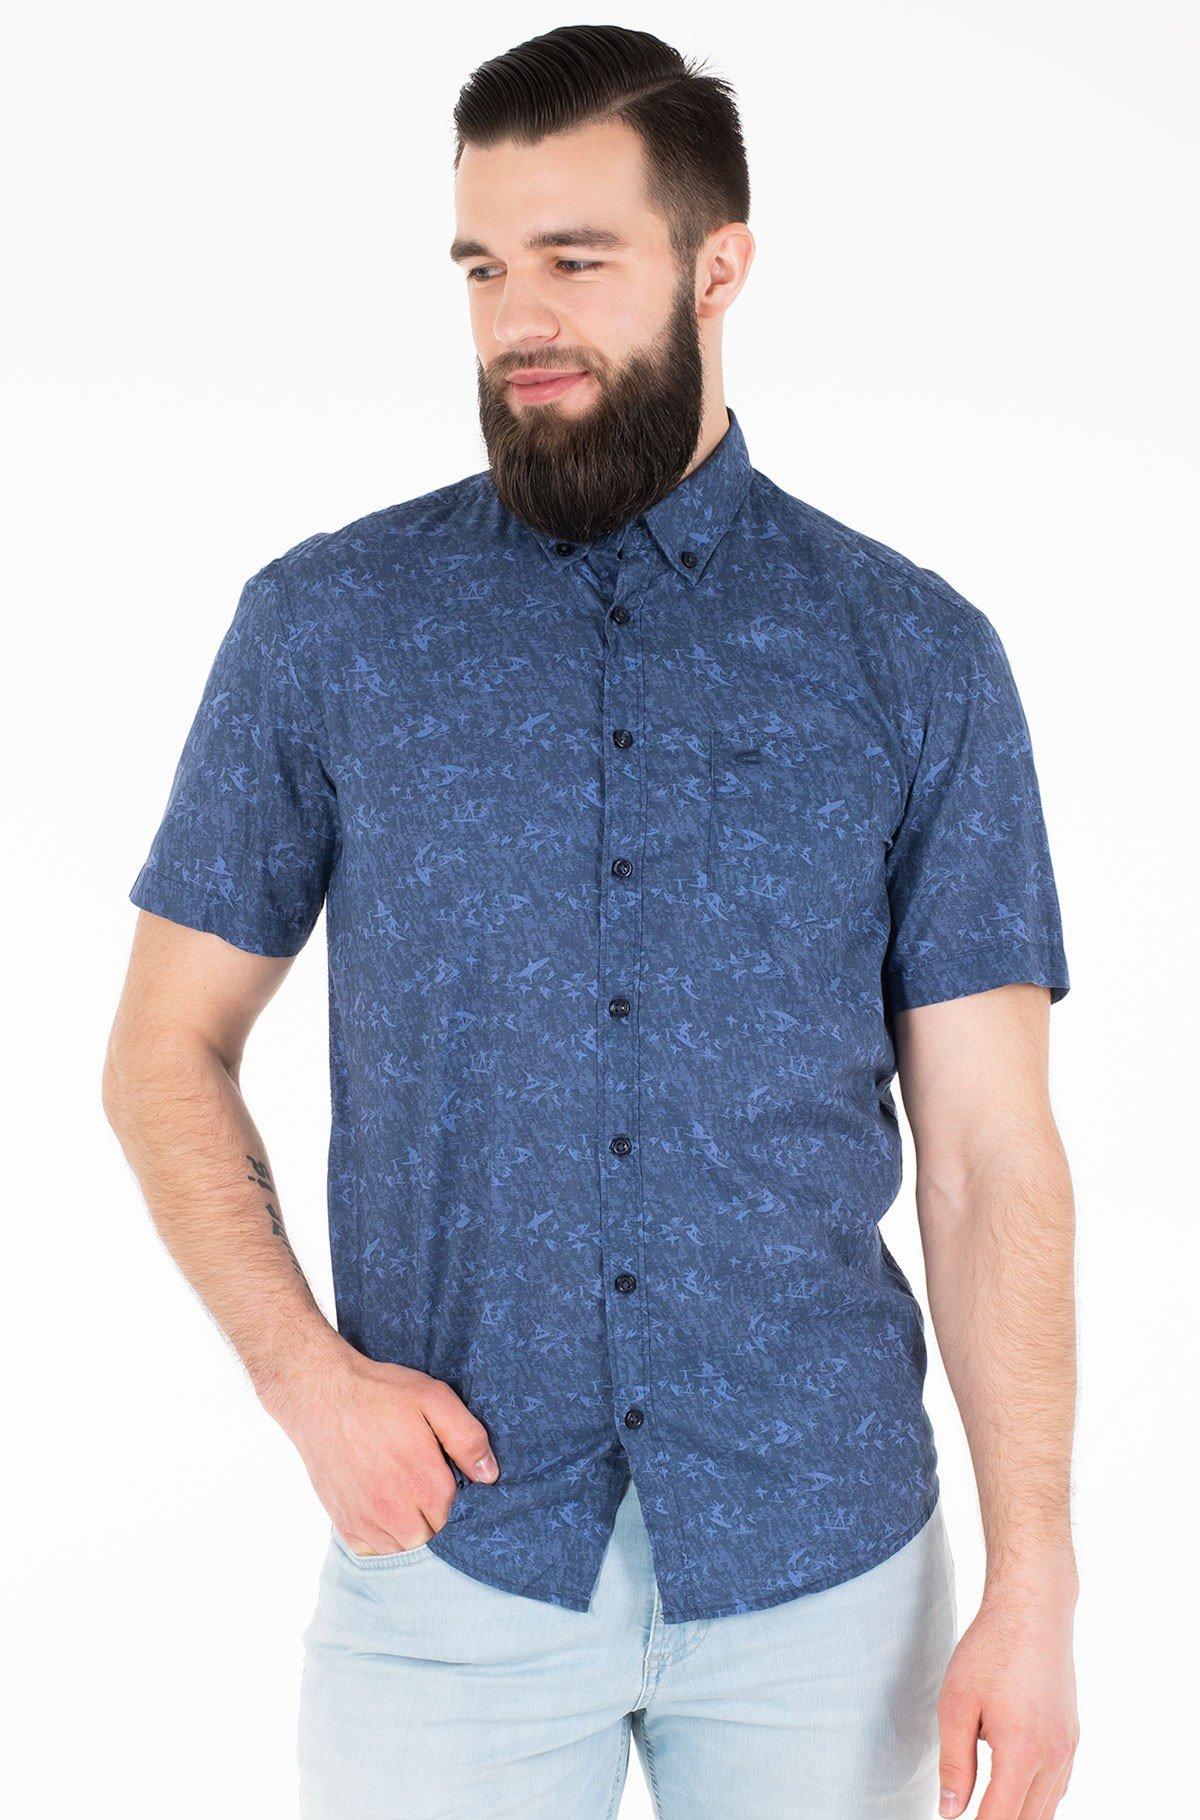 Marškiniai 31.216105-full-1